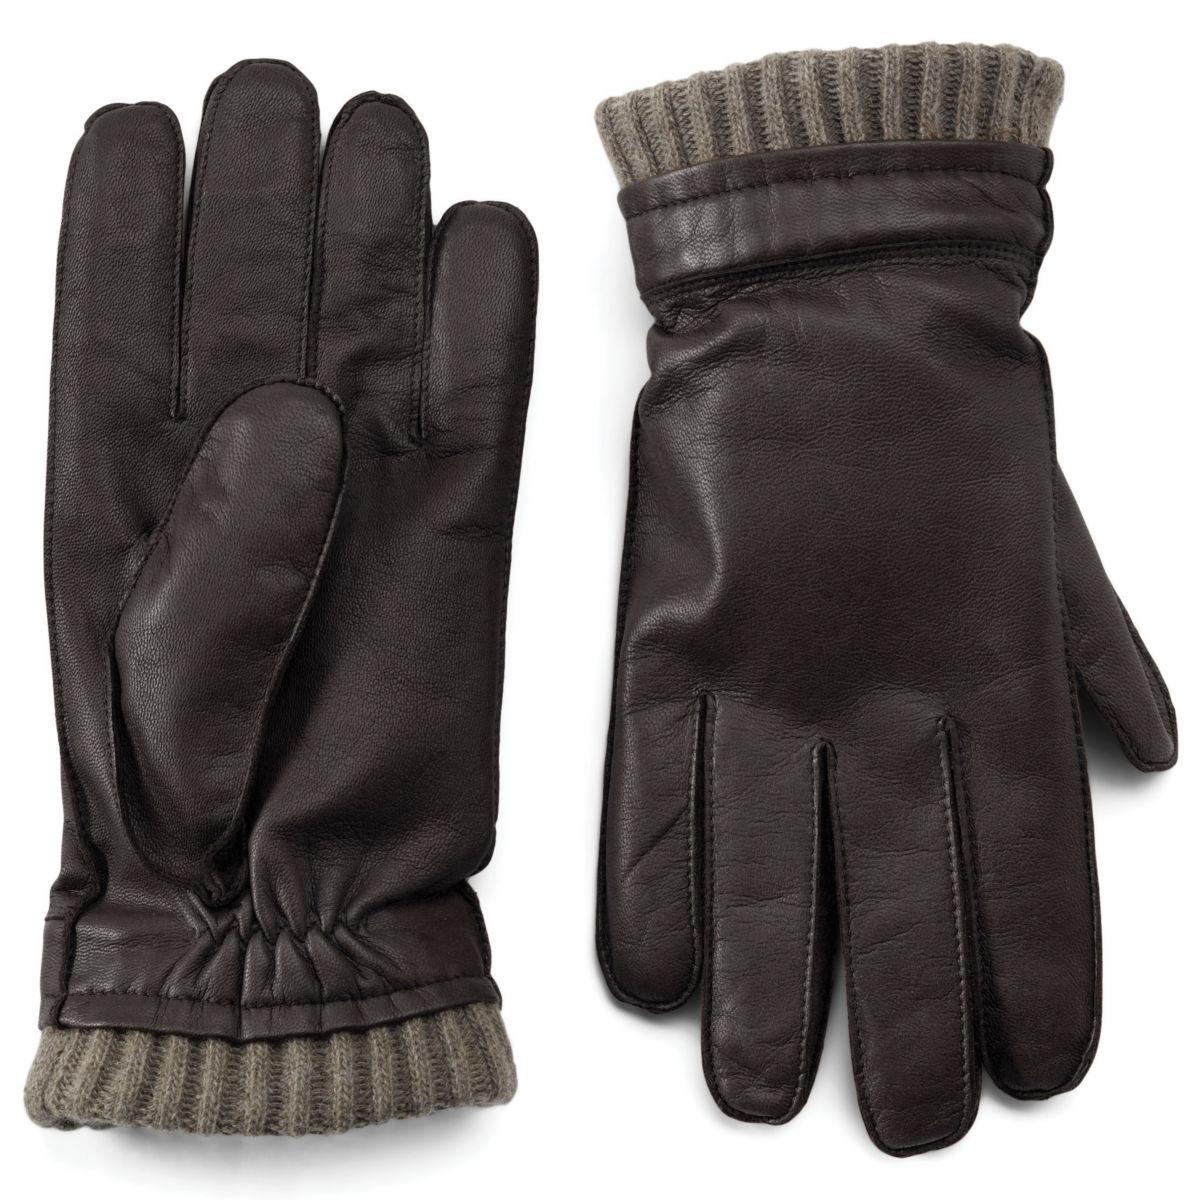 Dorset Goatskin-and-Cashmere Gloves - image number 0